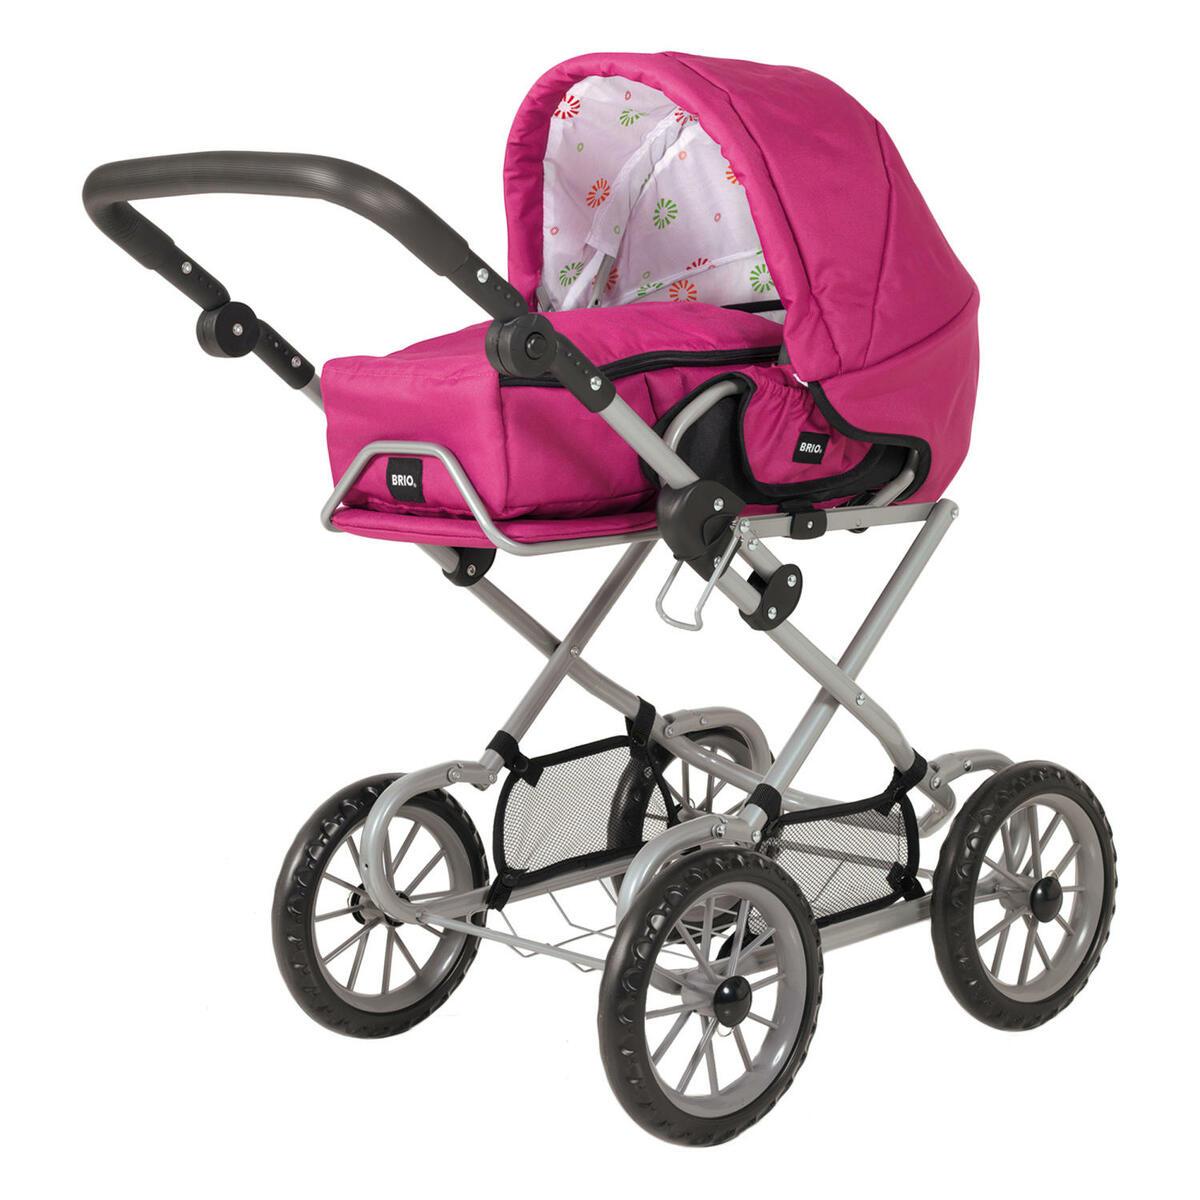 Bild 1 von BRIO Puppenwagen Combi, Puppen Wagen, Buggy, Kinderwagen, Kombiwagen, Rose, 24891314